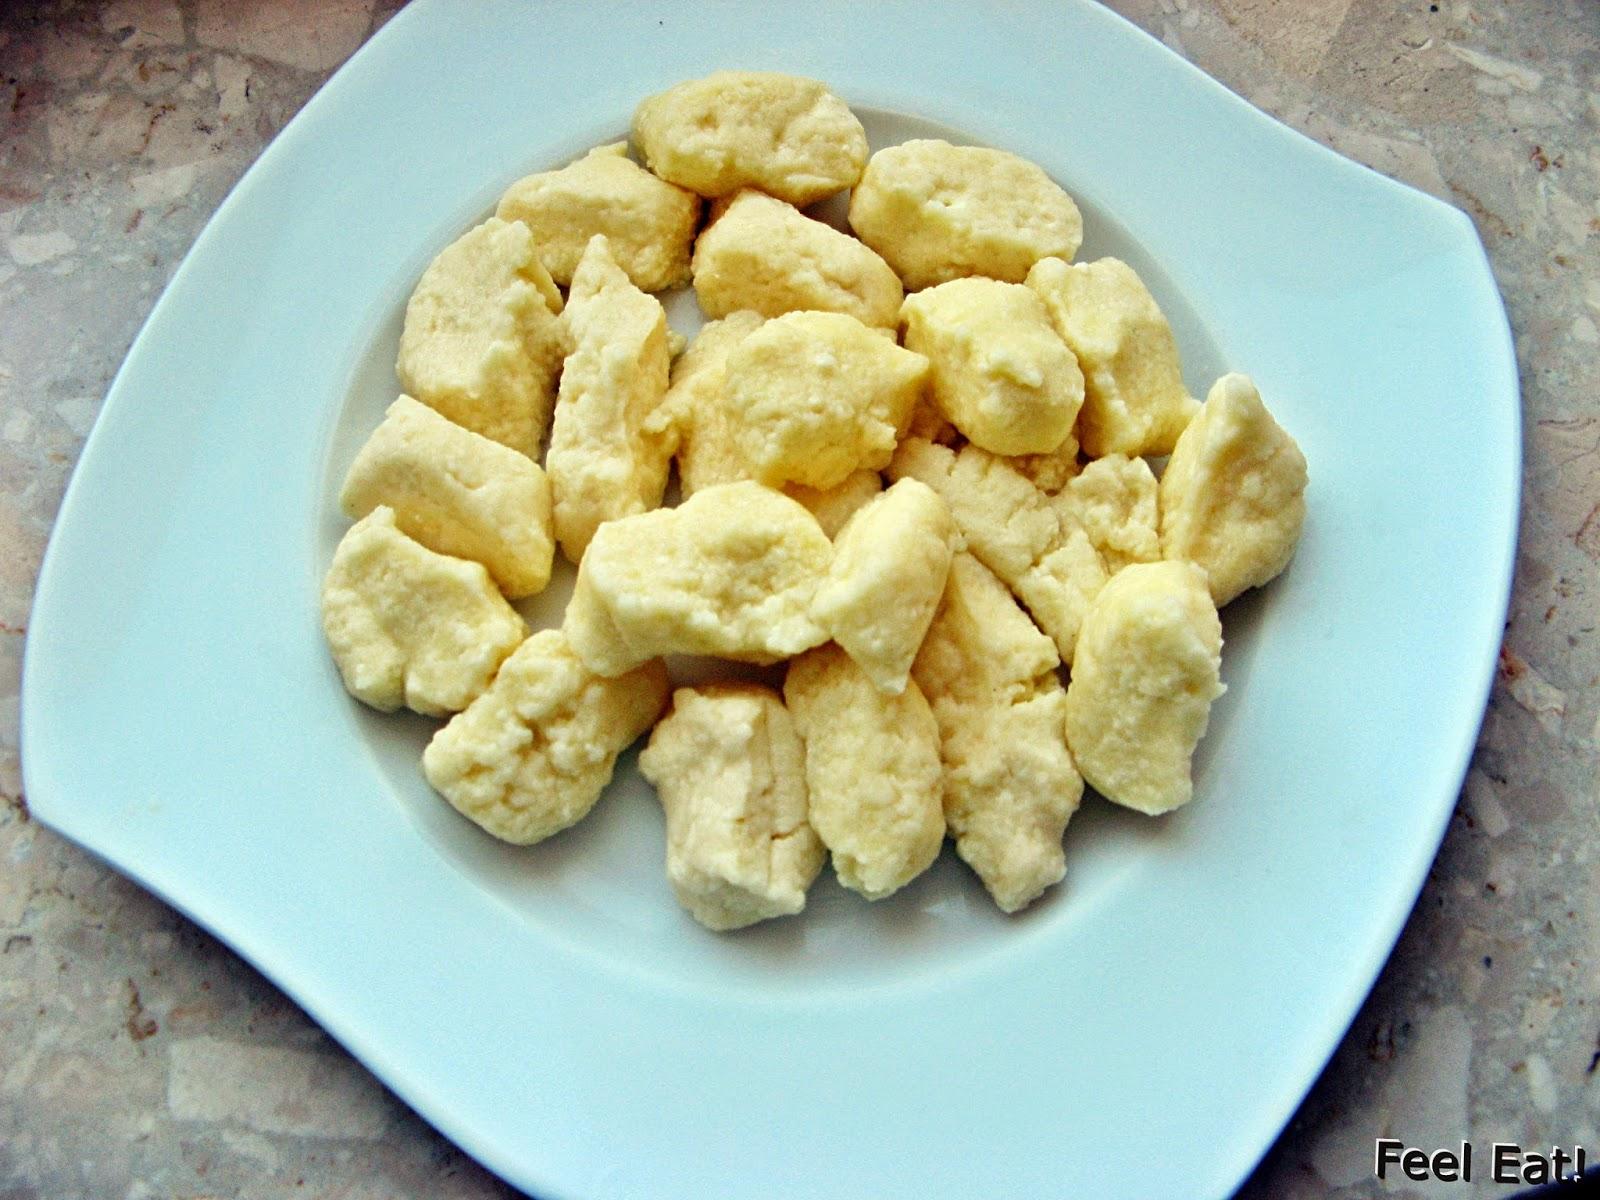 IMG 1885 - Bezglutenowe ciasteczka z mąki ryżowej